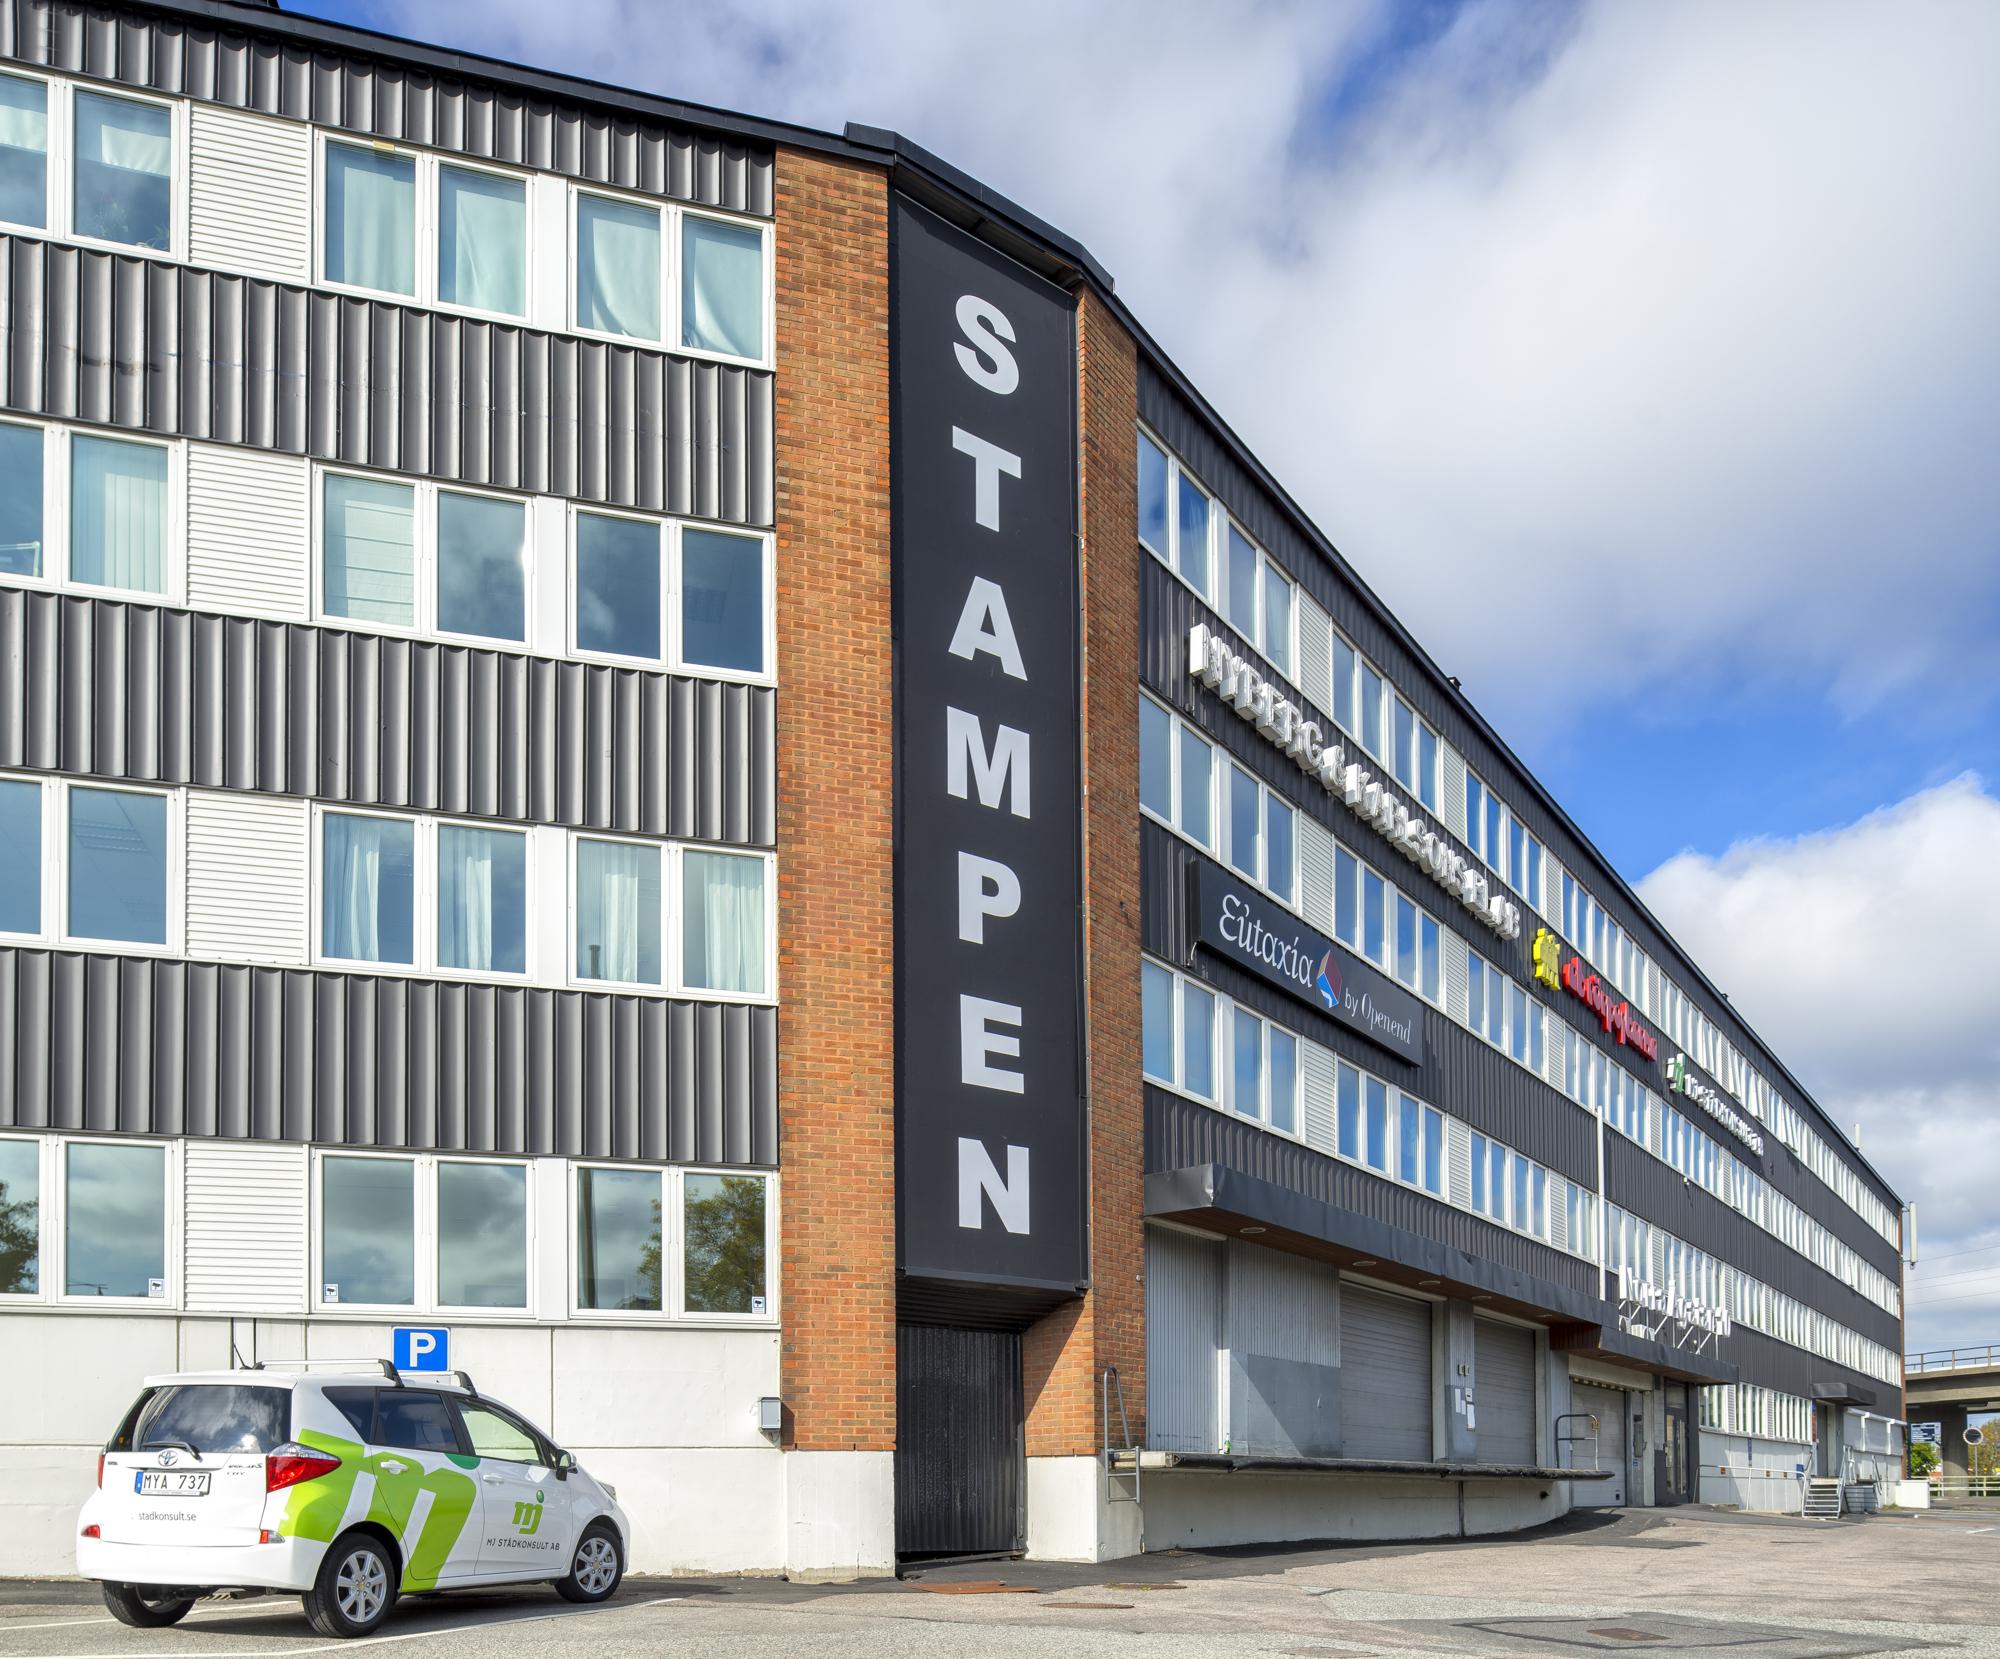 Hantverkshuset Stampens fasad. Framför står en bil parkerad.